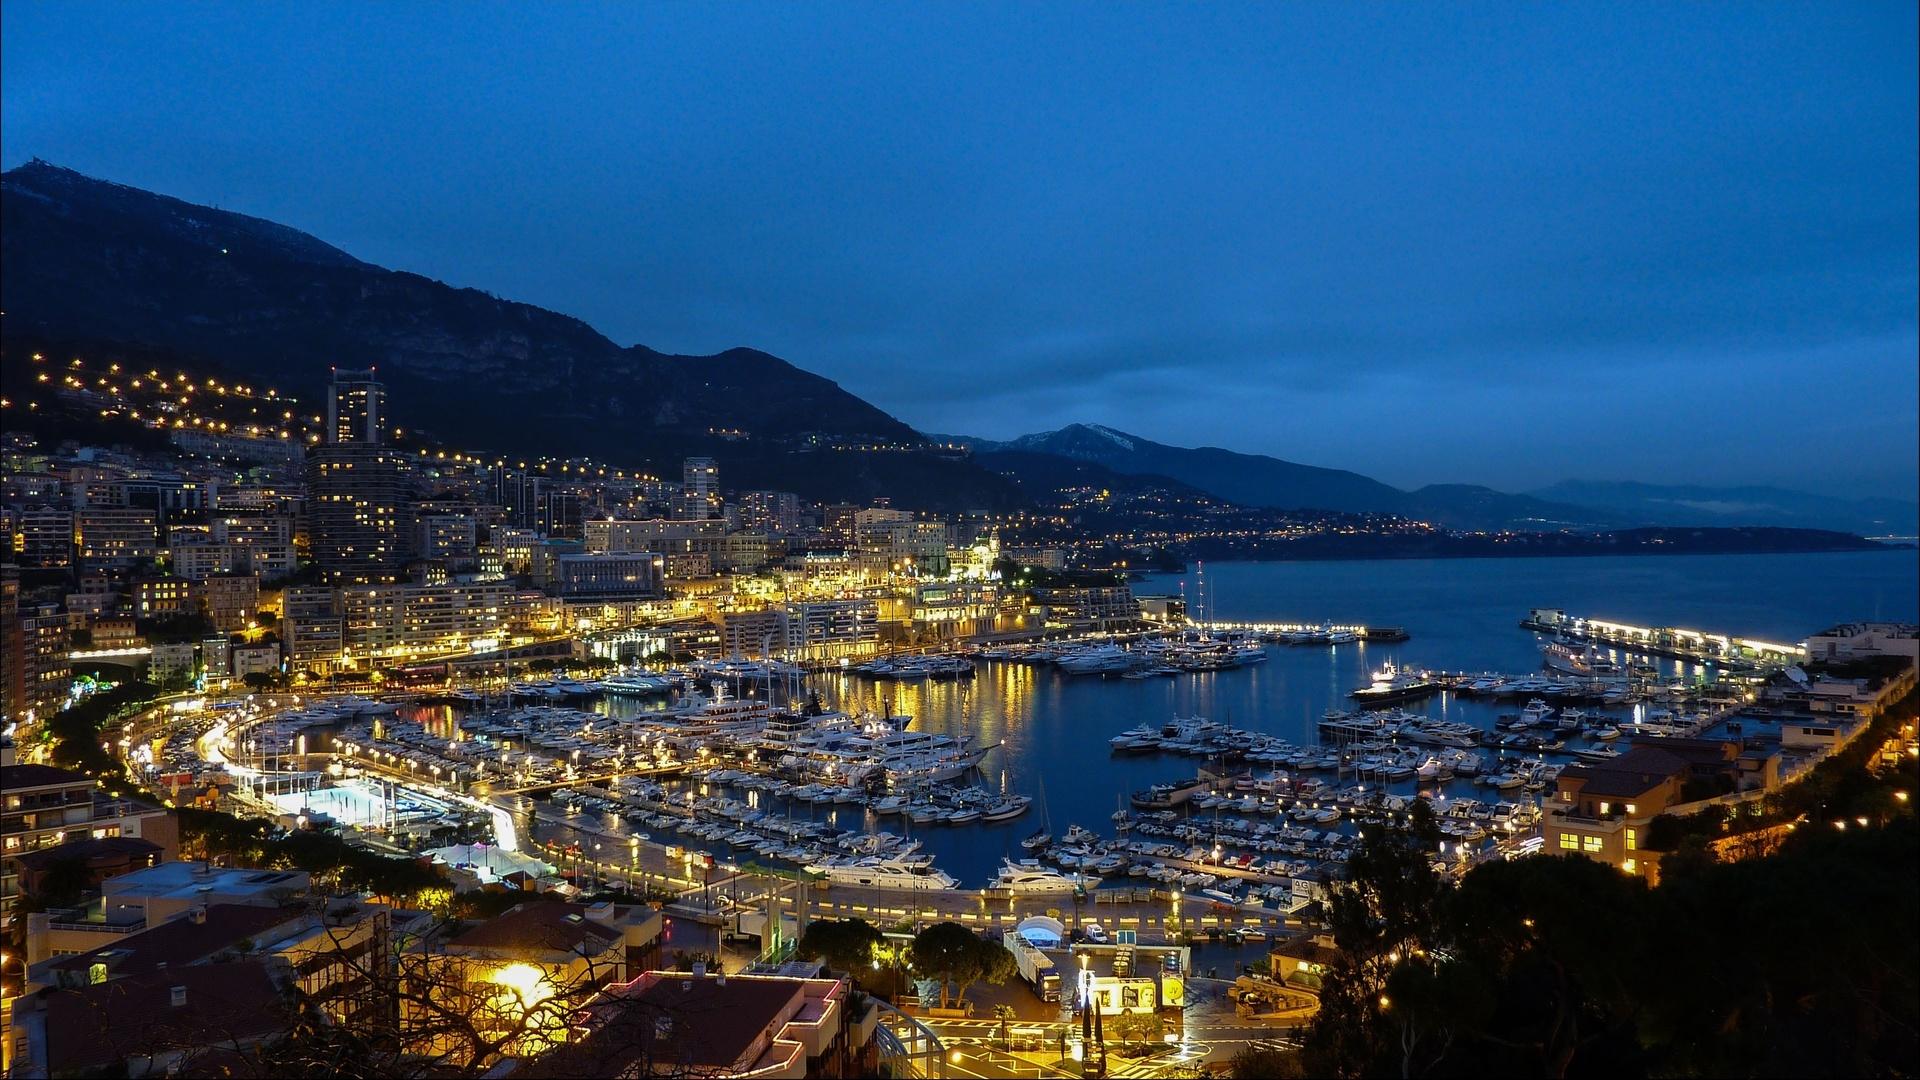 качественные картинки монако камчатке, признаются